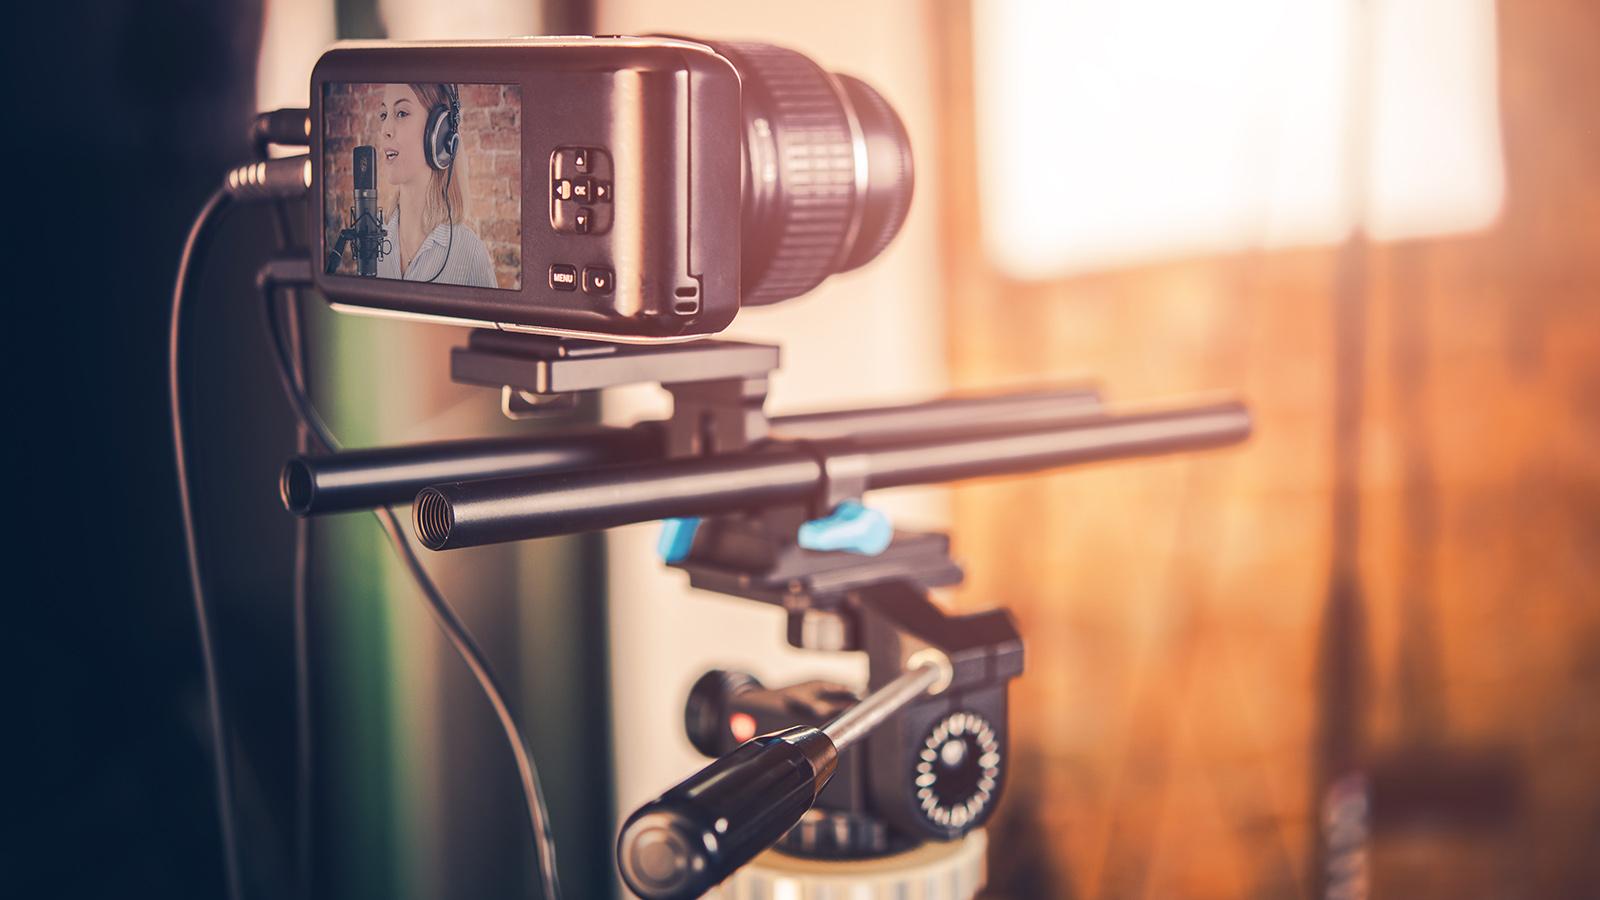 video00 - Saiba como otimizar a presença digital da empresa utilizando vídeos